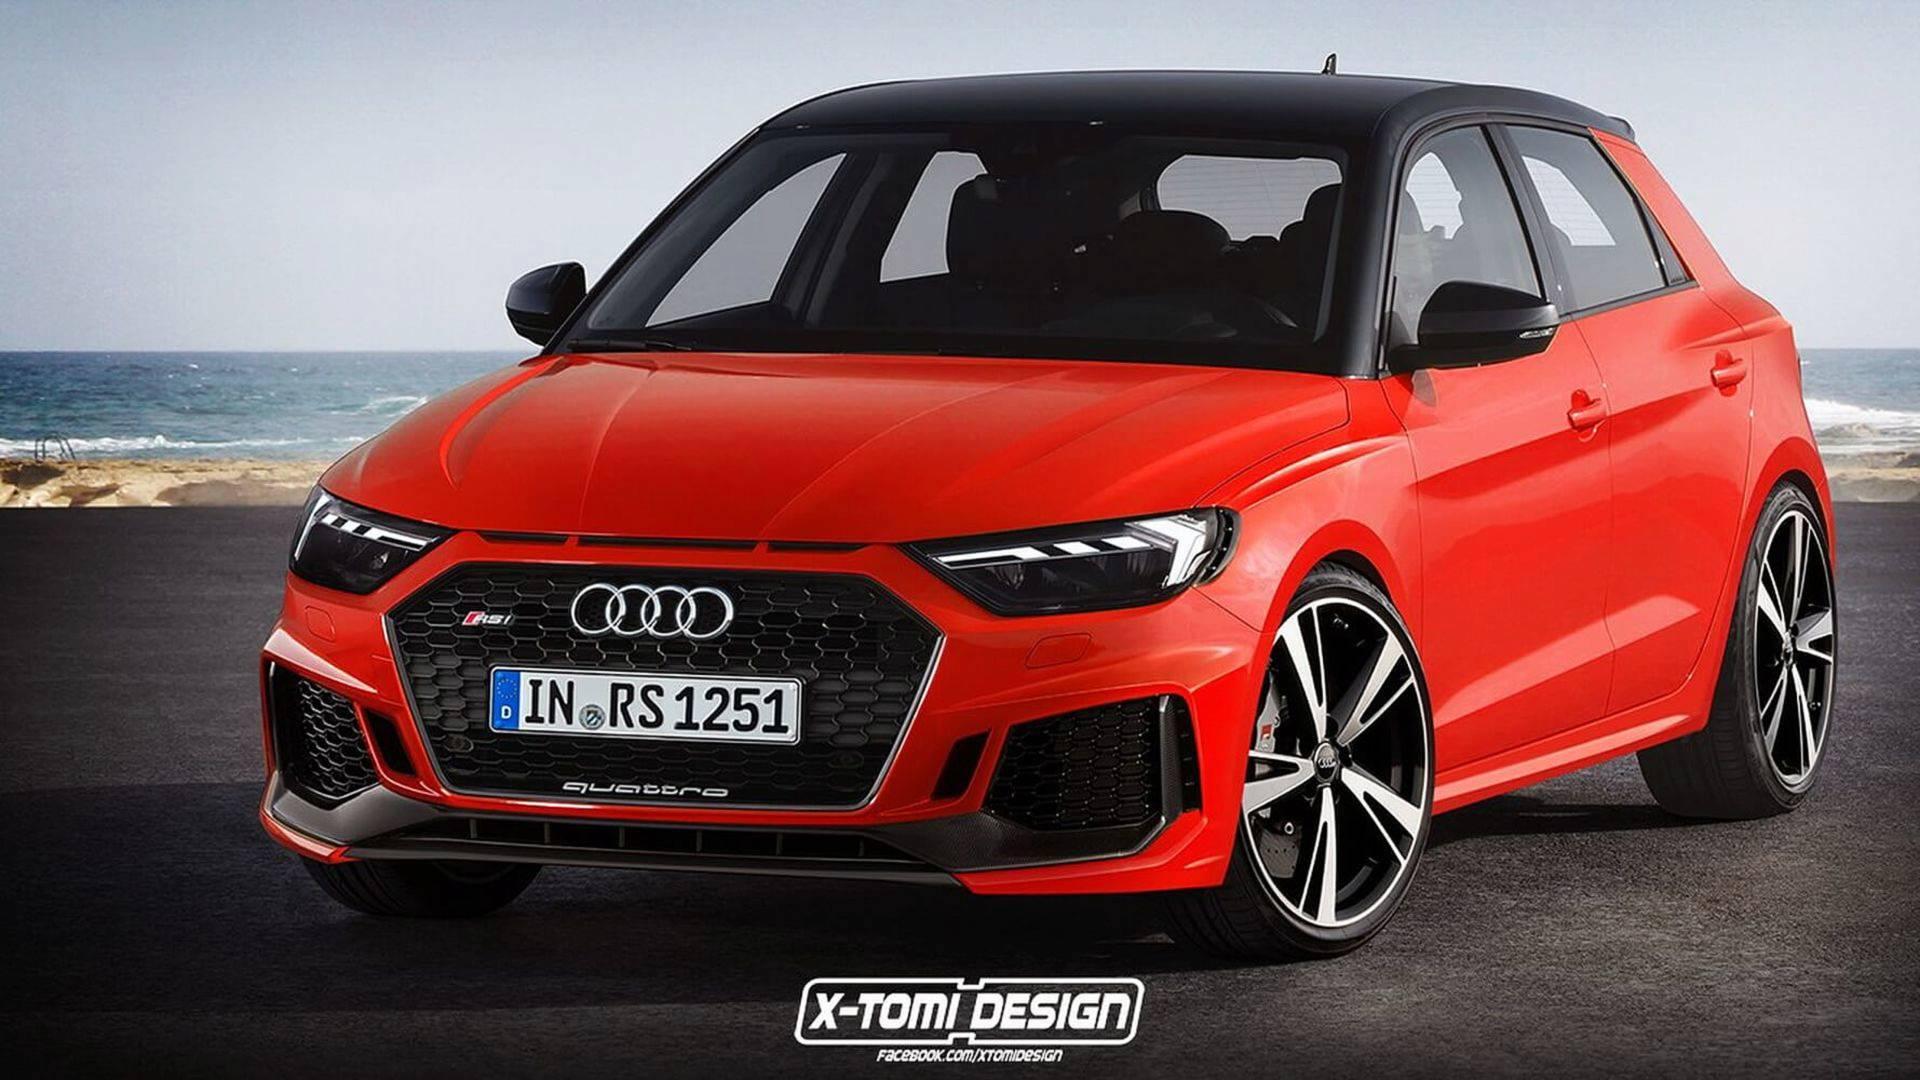 Kekurangan Audi Rs1 Spesifikasi